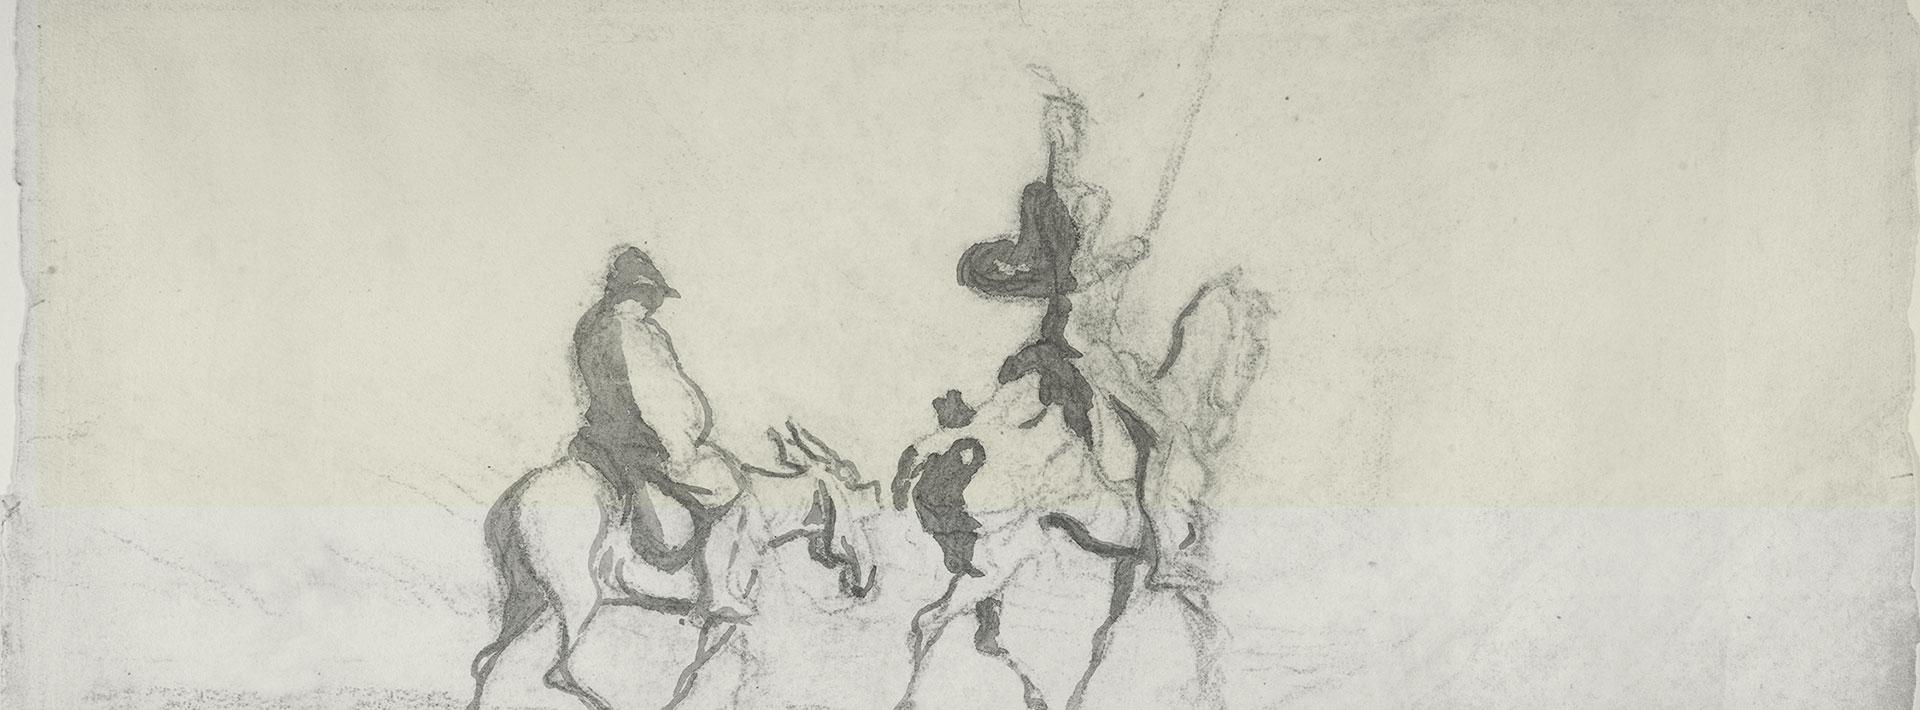 De hablarse a sí mismo: locura y reflexión en el Quijote